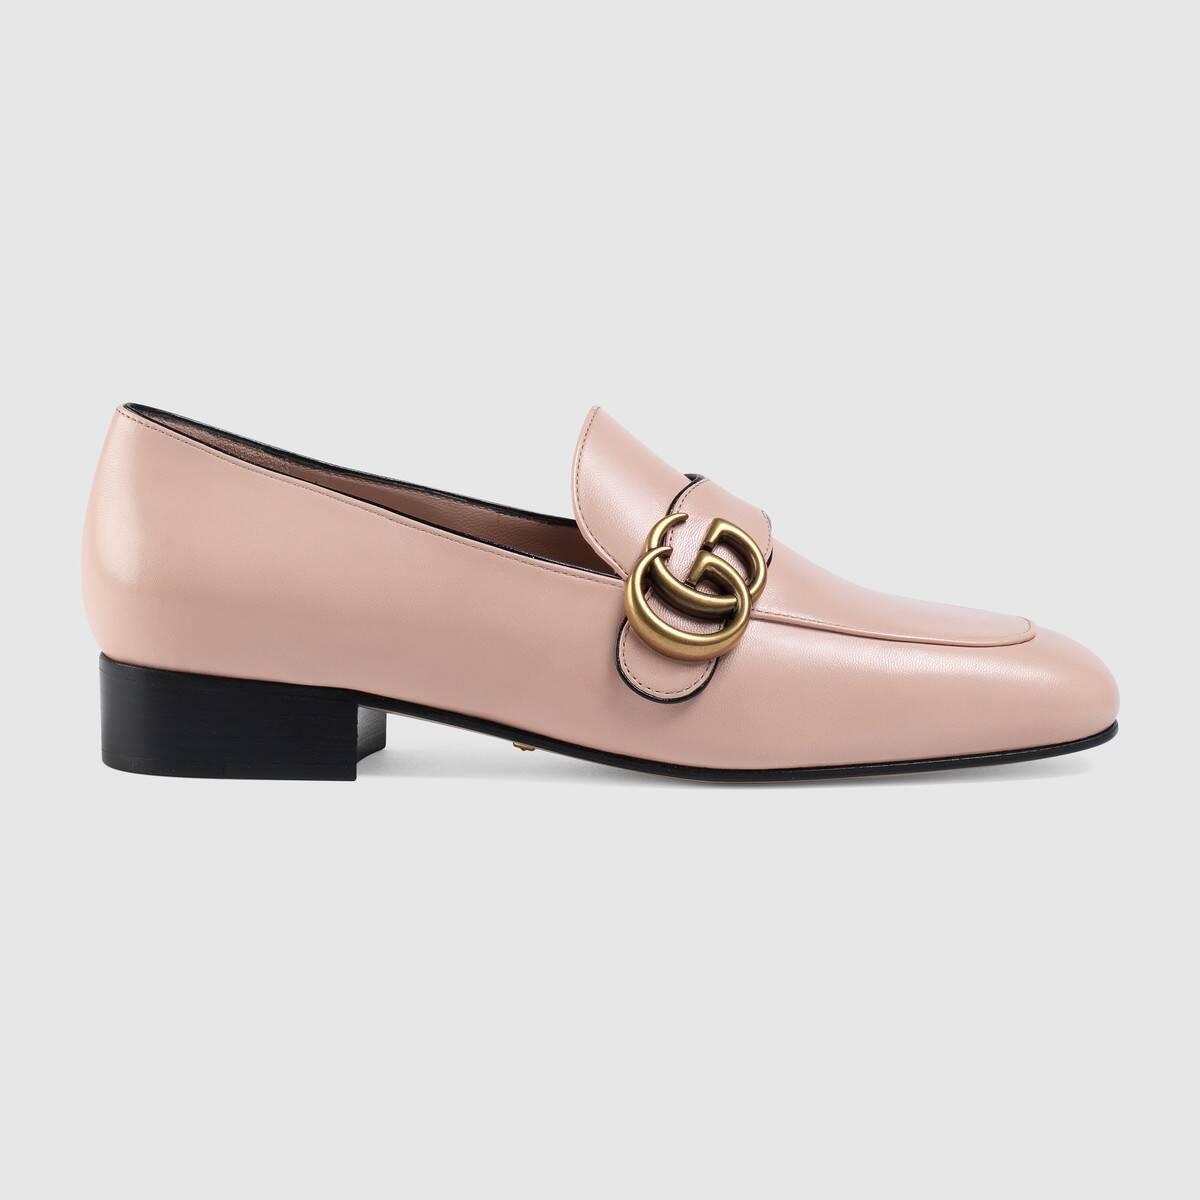 Tendenze-scarpe-primavera-estate-2020-Gucci